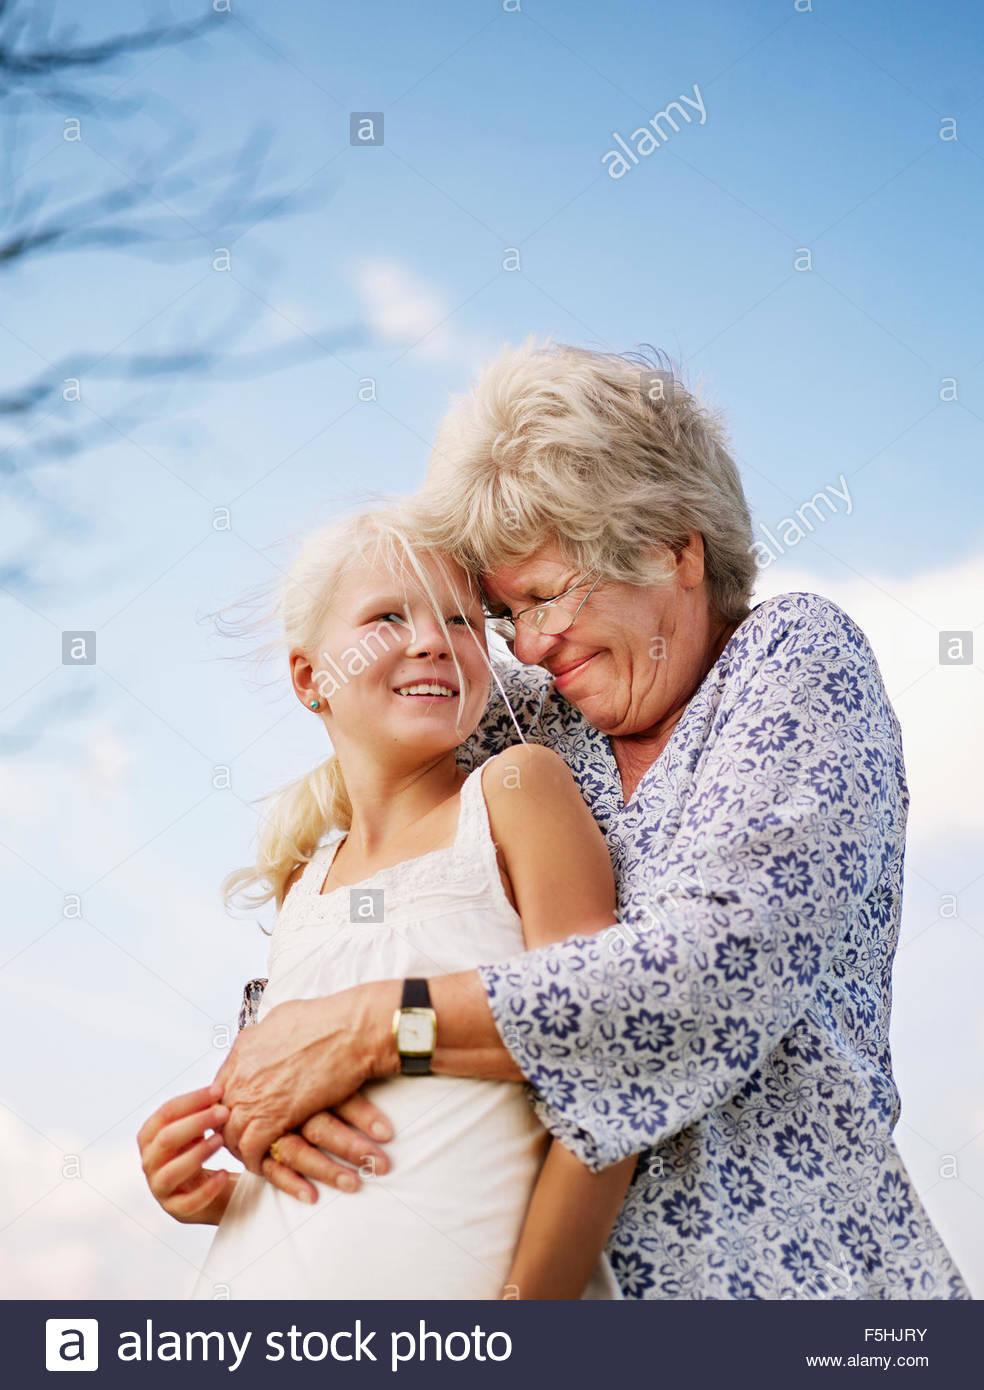 Dinamarca, retrato de la abuela abrazando a su nieta (10-11) Imagen De Stock